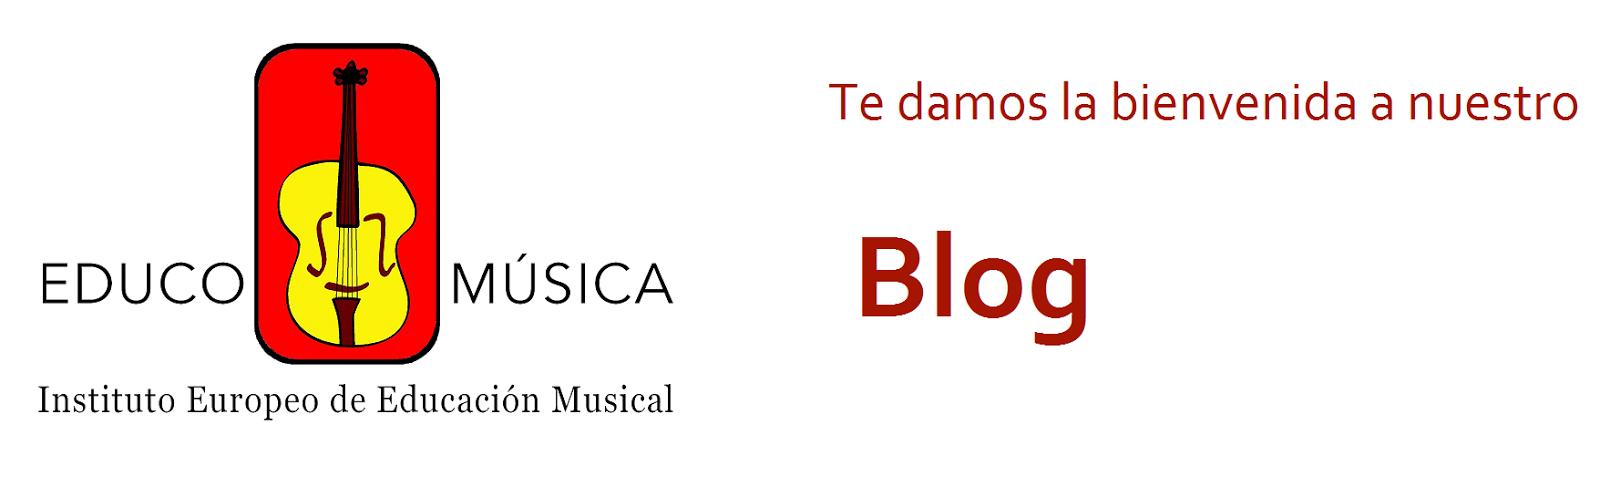 EDUCO-MÚSICA